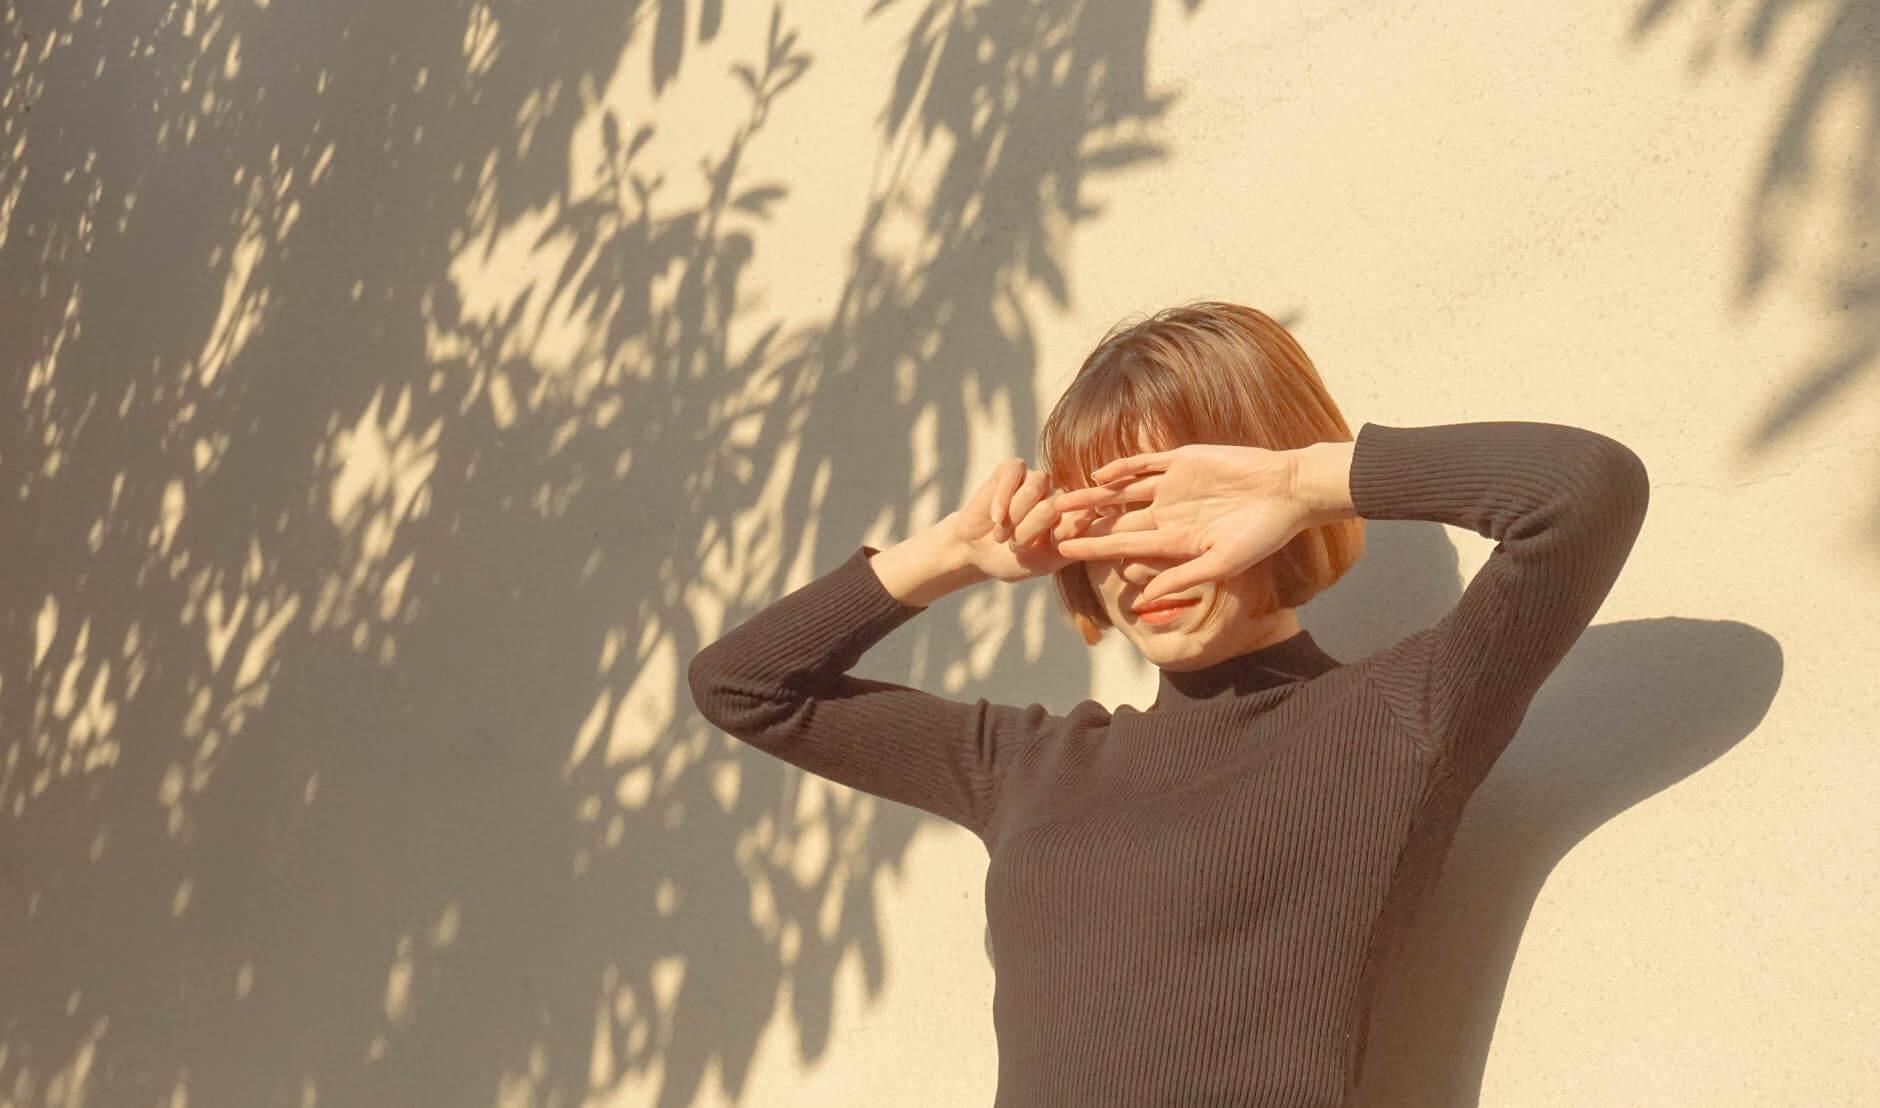 一出門皮膚就過敏 可能是患了「光敏感」!